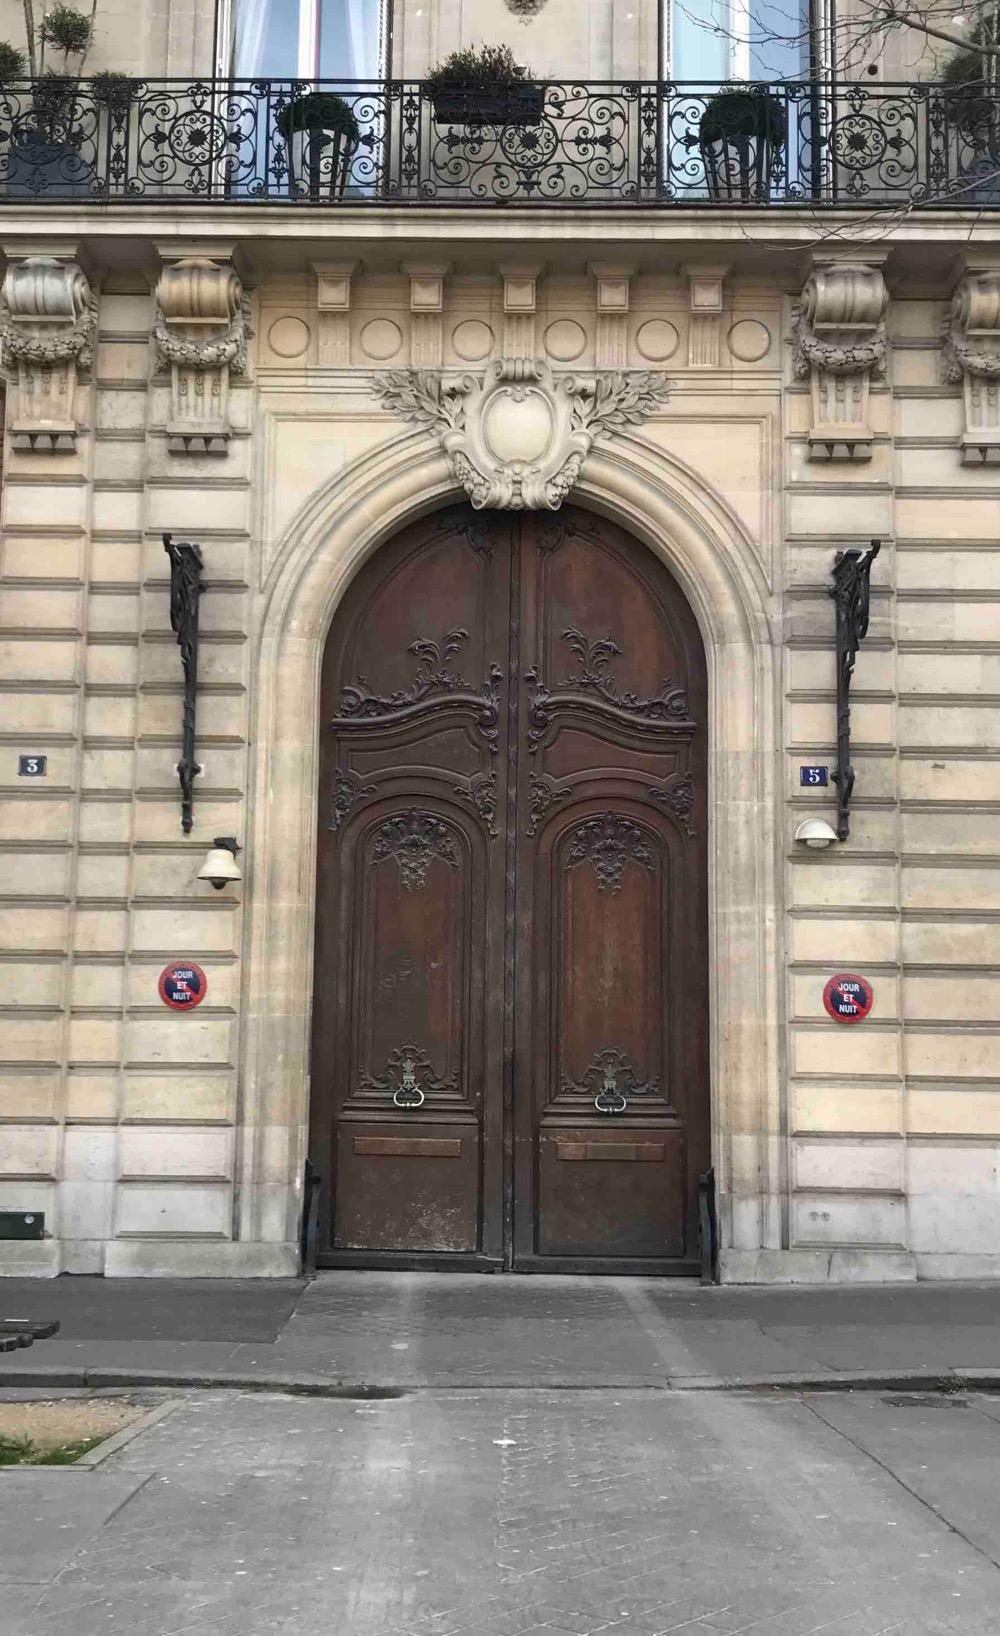 Porte Monumentale - Paris 17